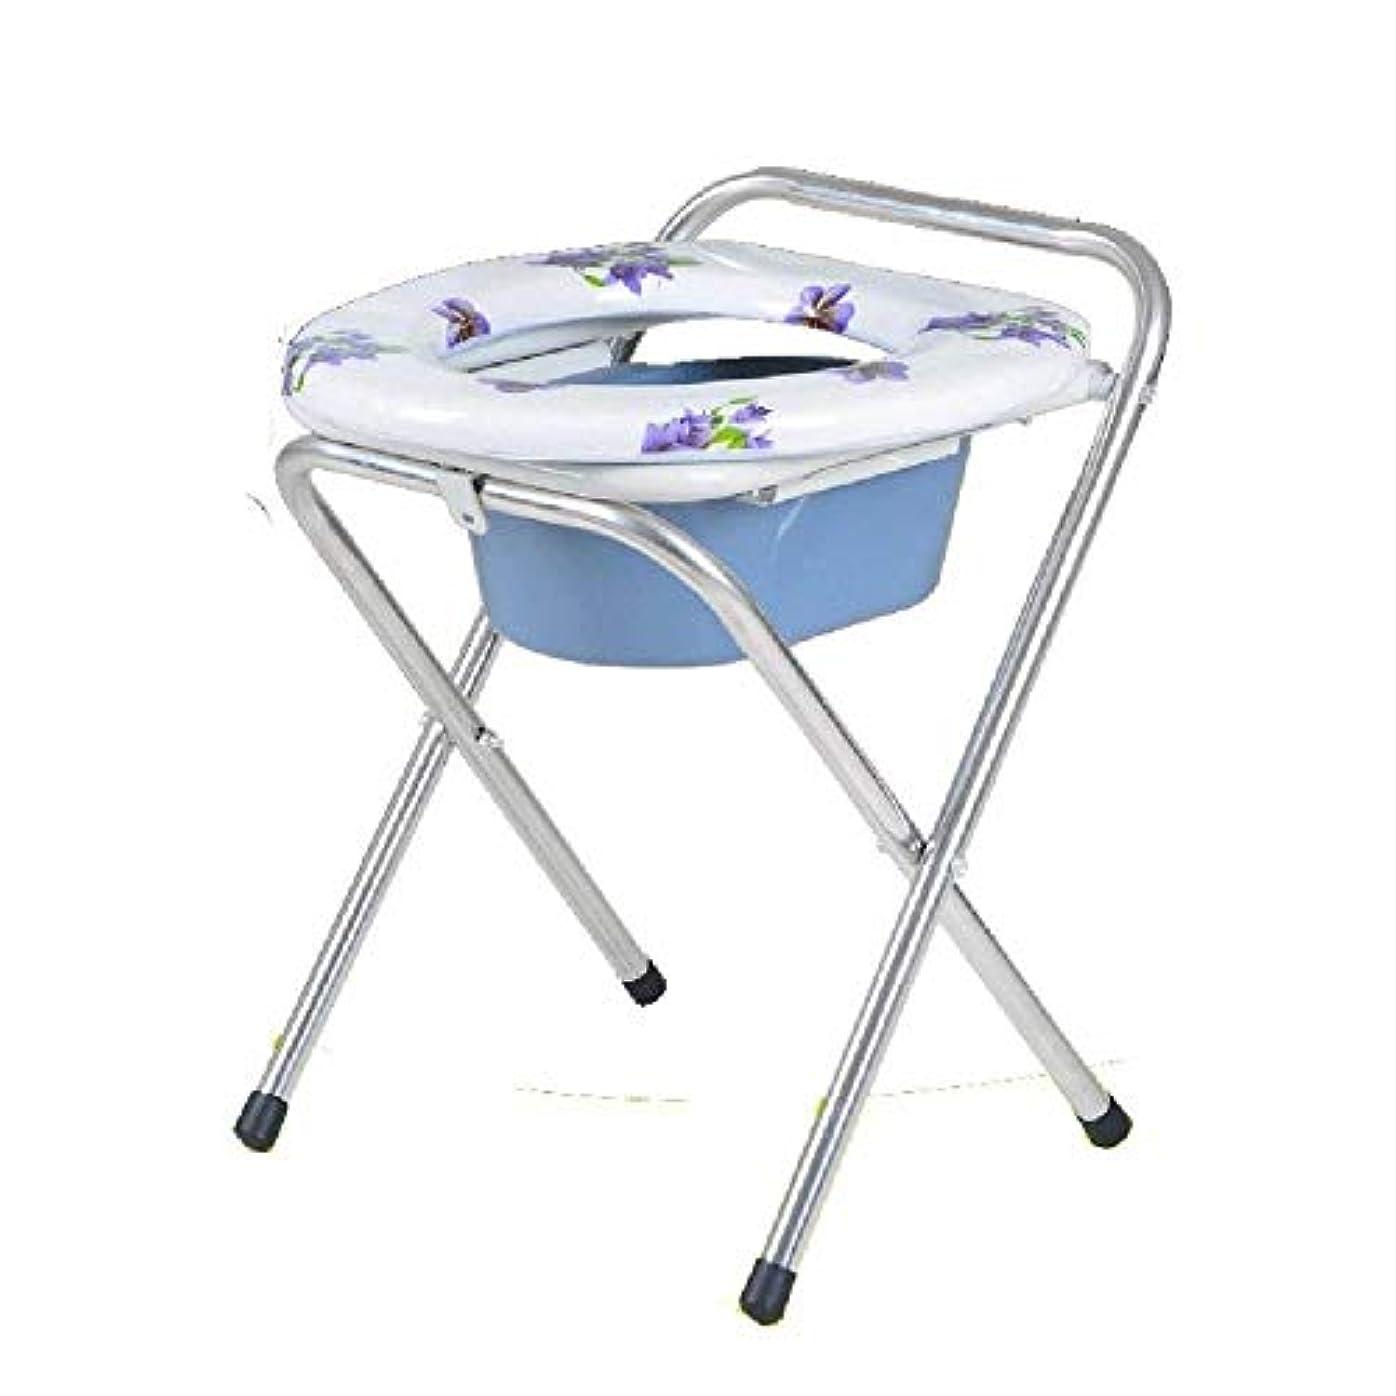 発疹天国ブルーベル折りたたみ式便器椅子、高齢者妊娠便座用ステンレス便座